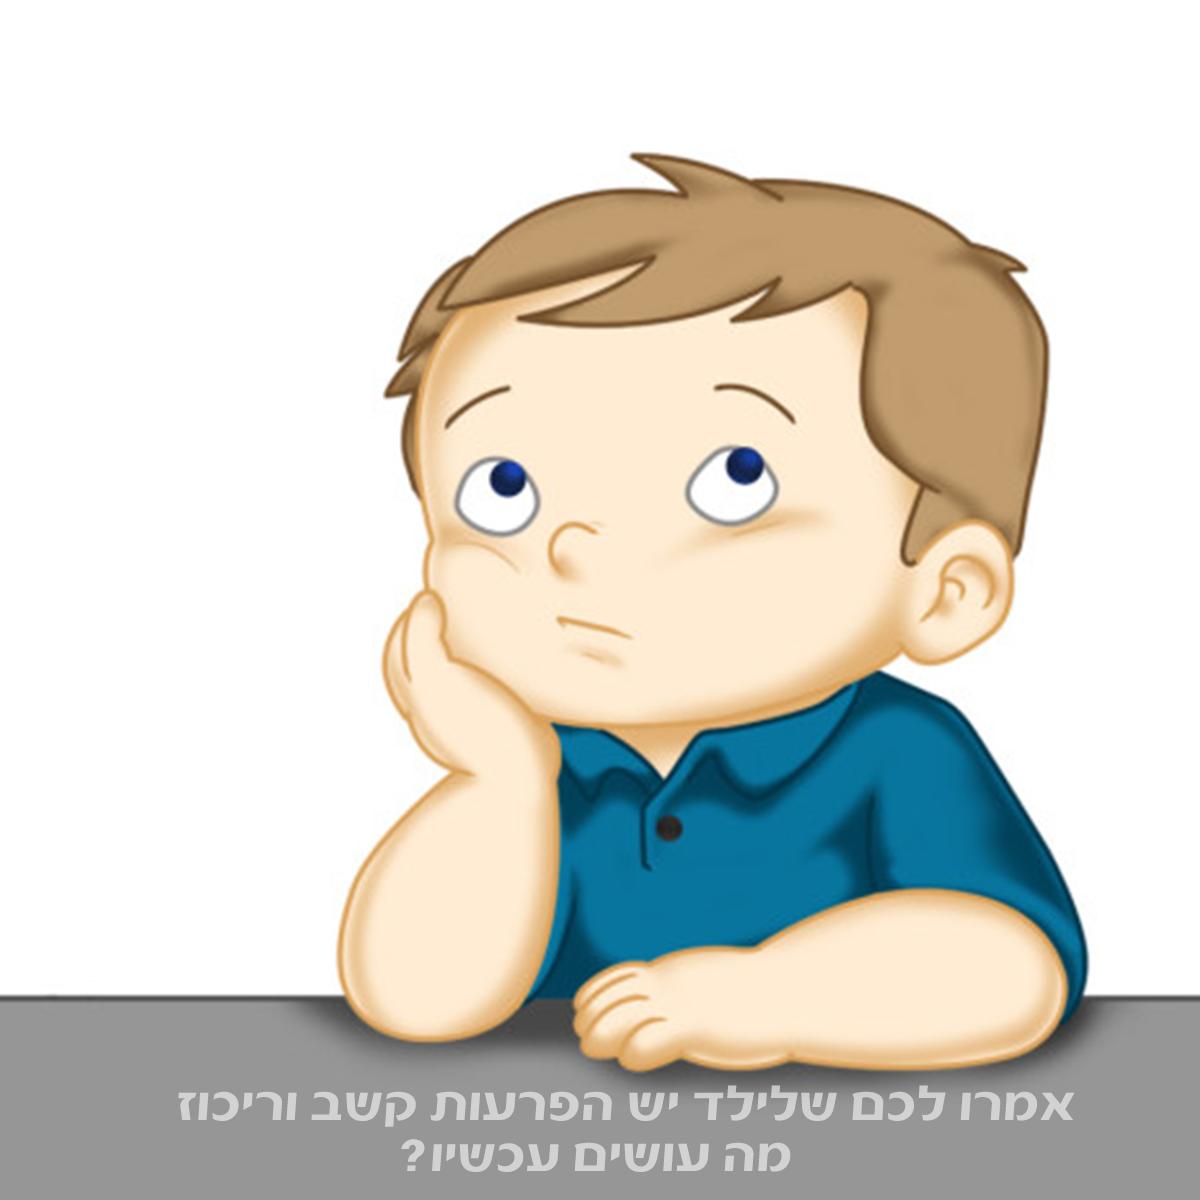 ניהול מקרה- עזרה להורים עם ילדים בעלי קשיים התפתחותיים ובעיות קשב וריכוז עם הרשויות